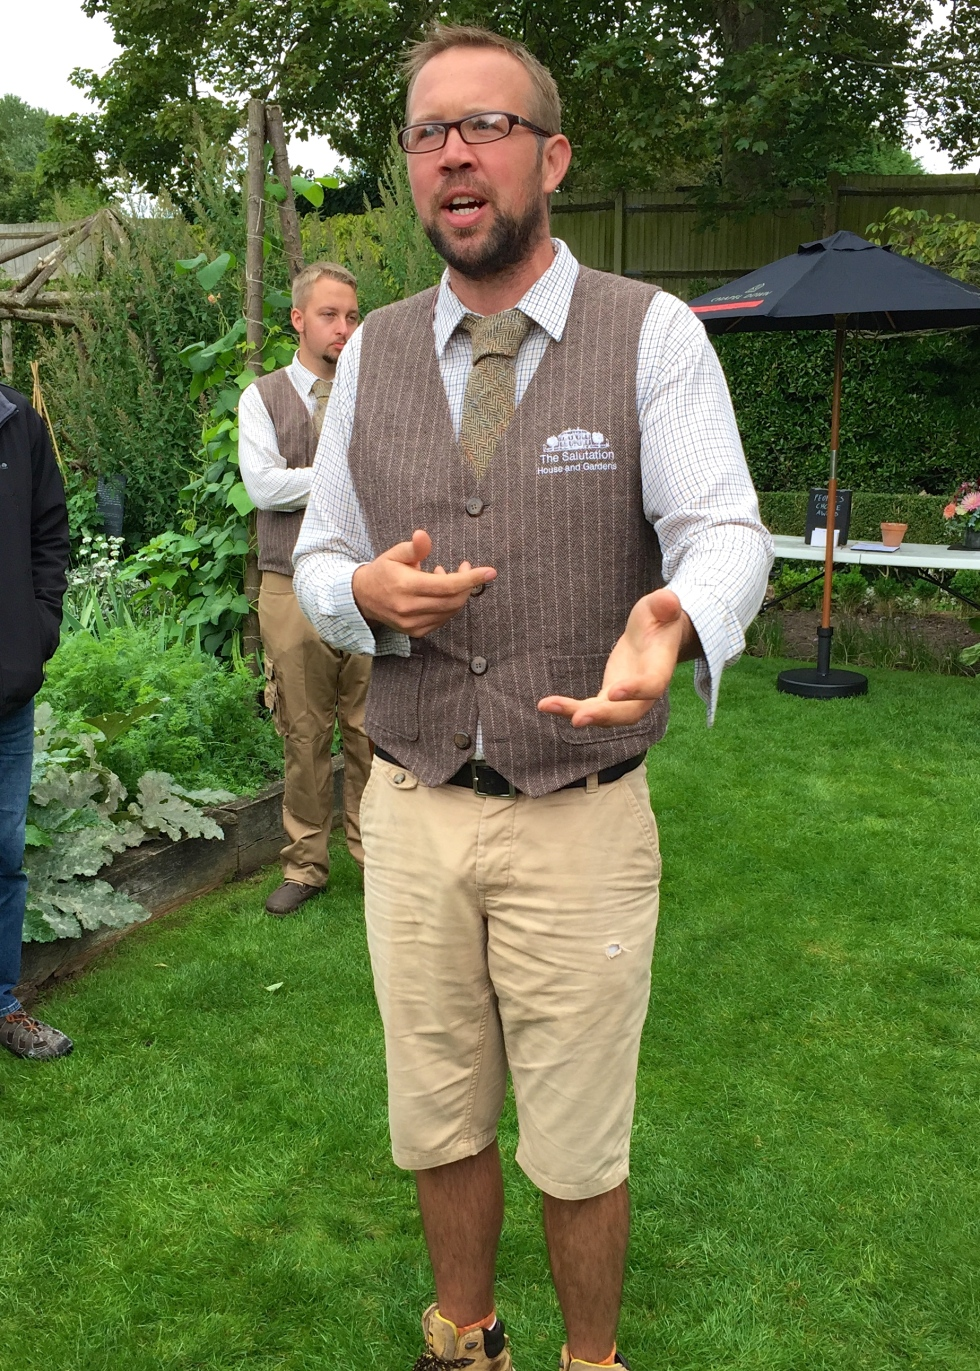 The man himself, Steven Edney, Head Gardener at The Salutation